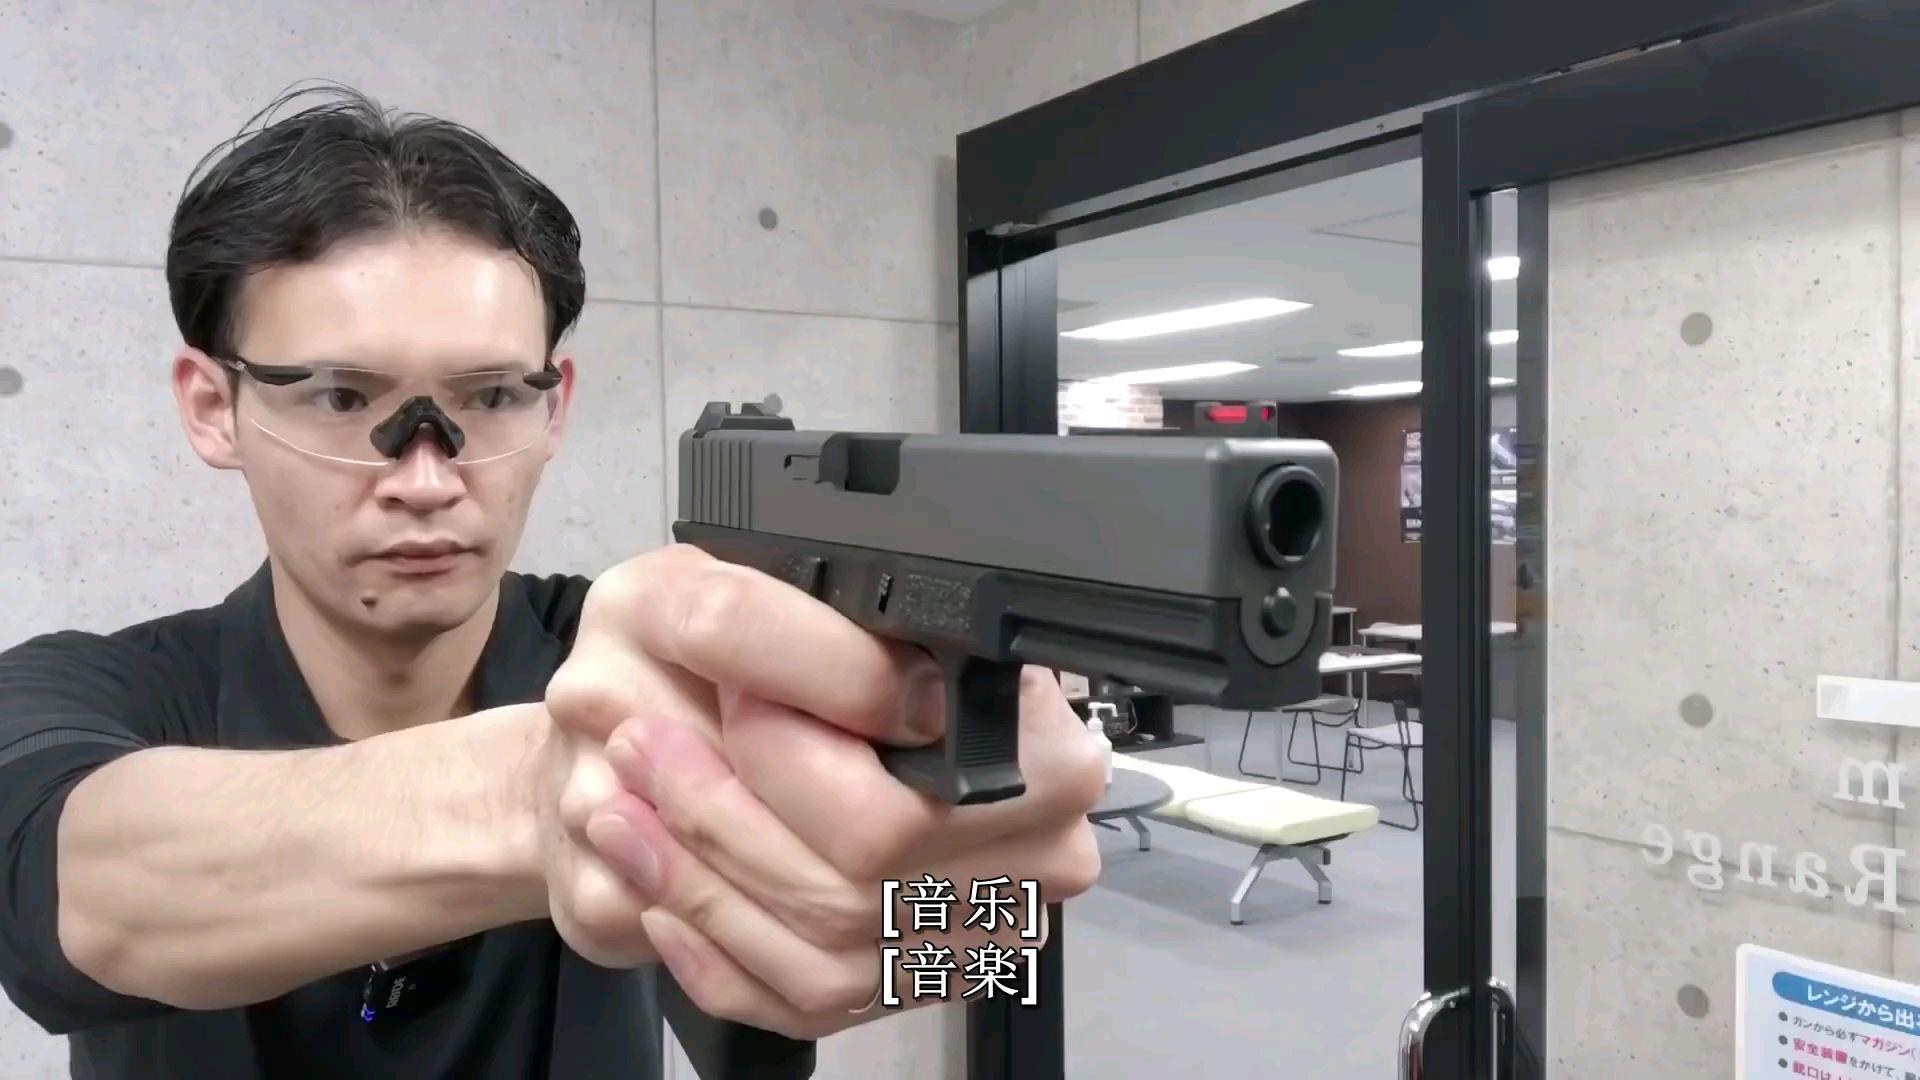 [油管搬运]超越格洛克?方便使用的玩具枪测评